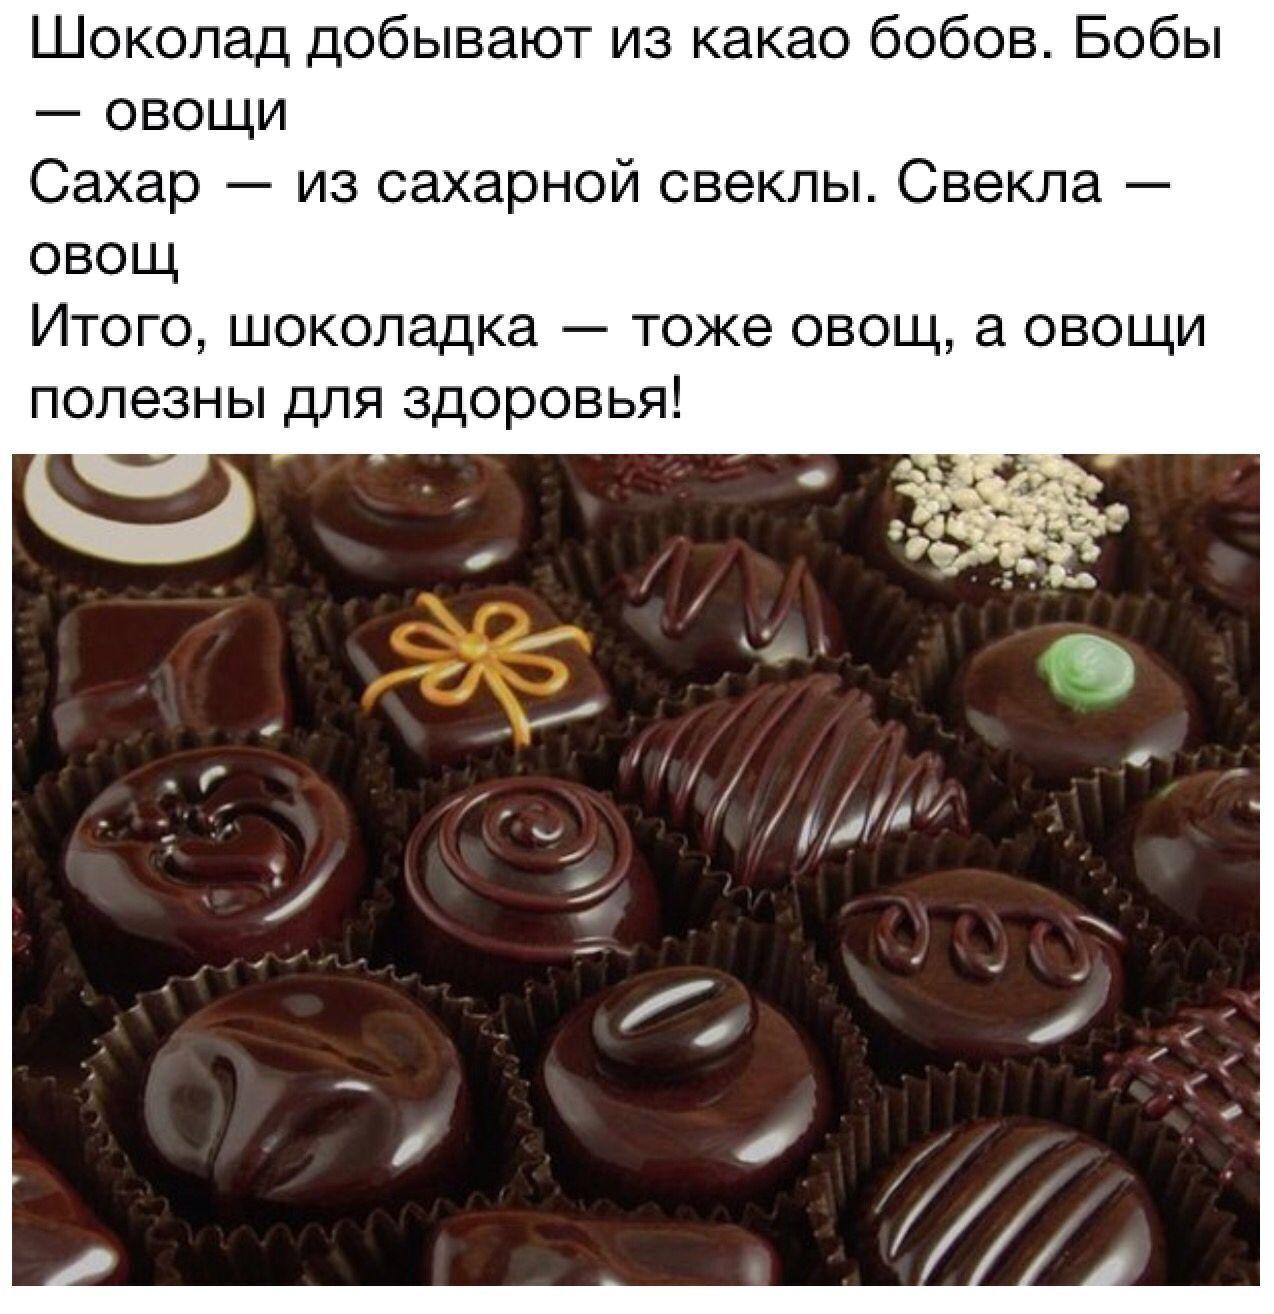 С Днем конфет: прикольное поздравление